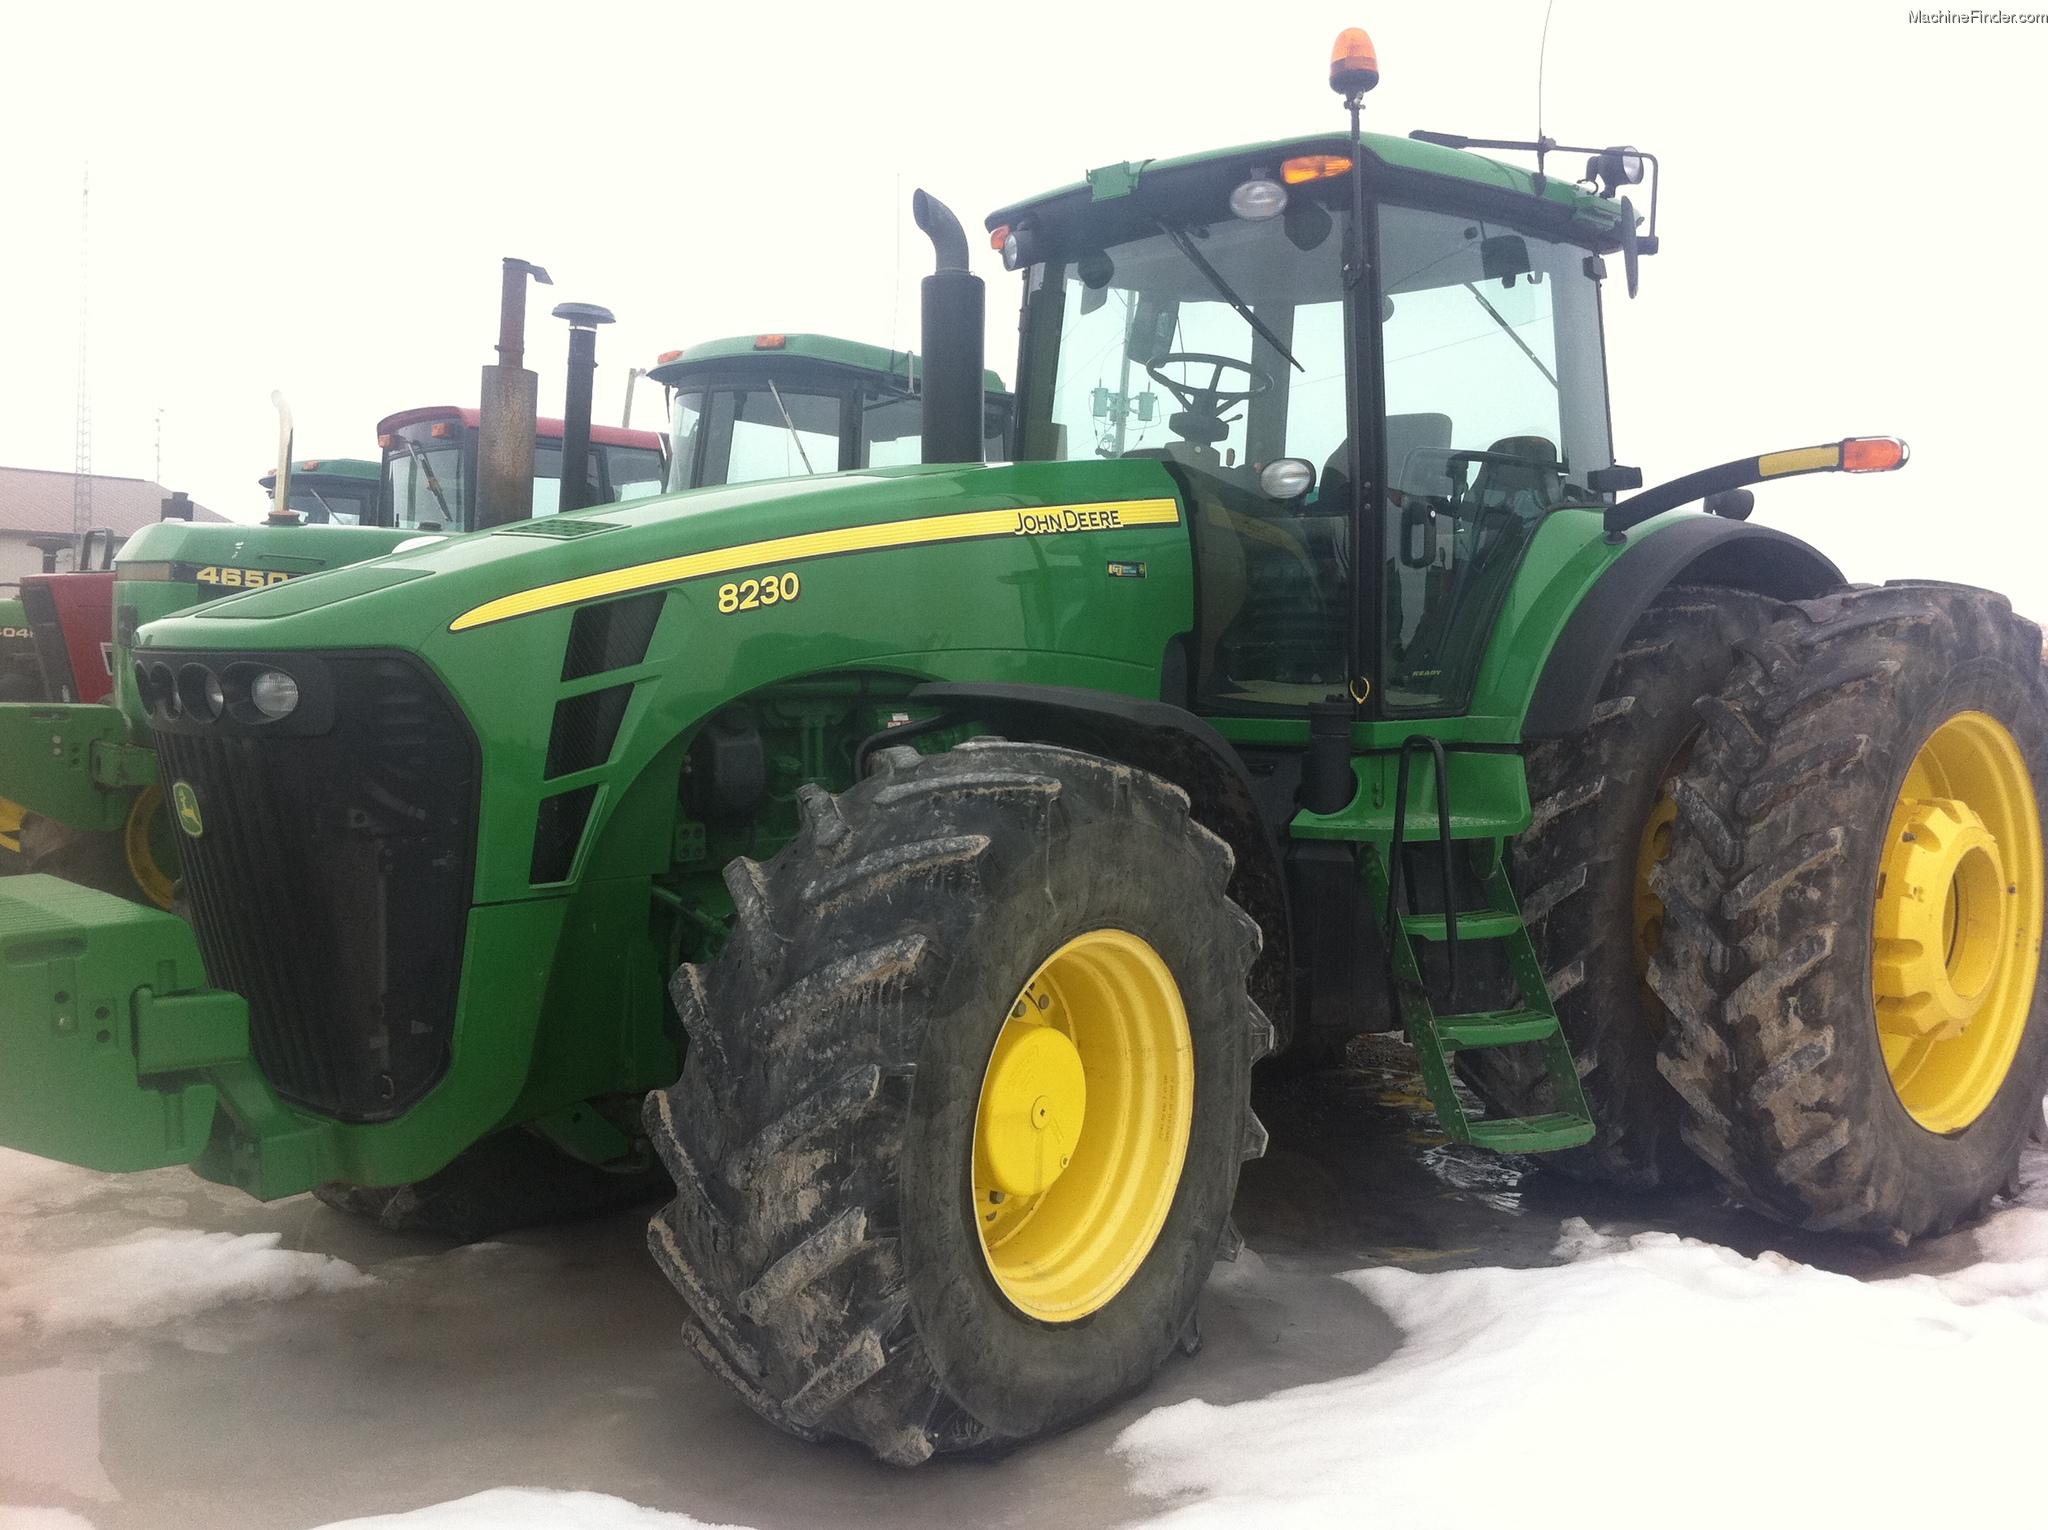 2006 John Deere 8230 Tractors - Row Crop (+100hp) - John ...